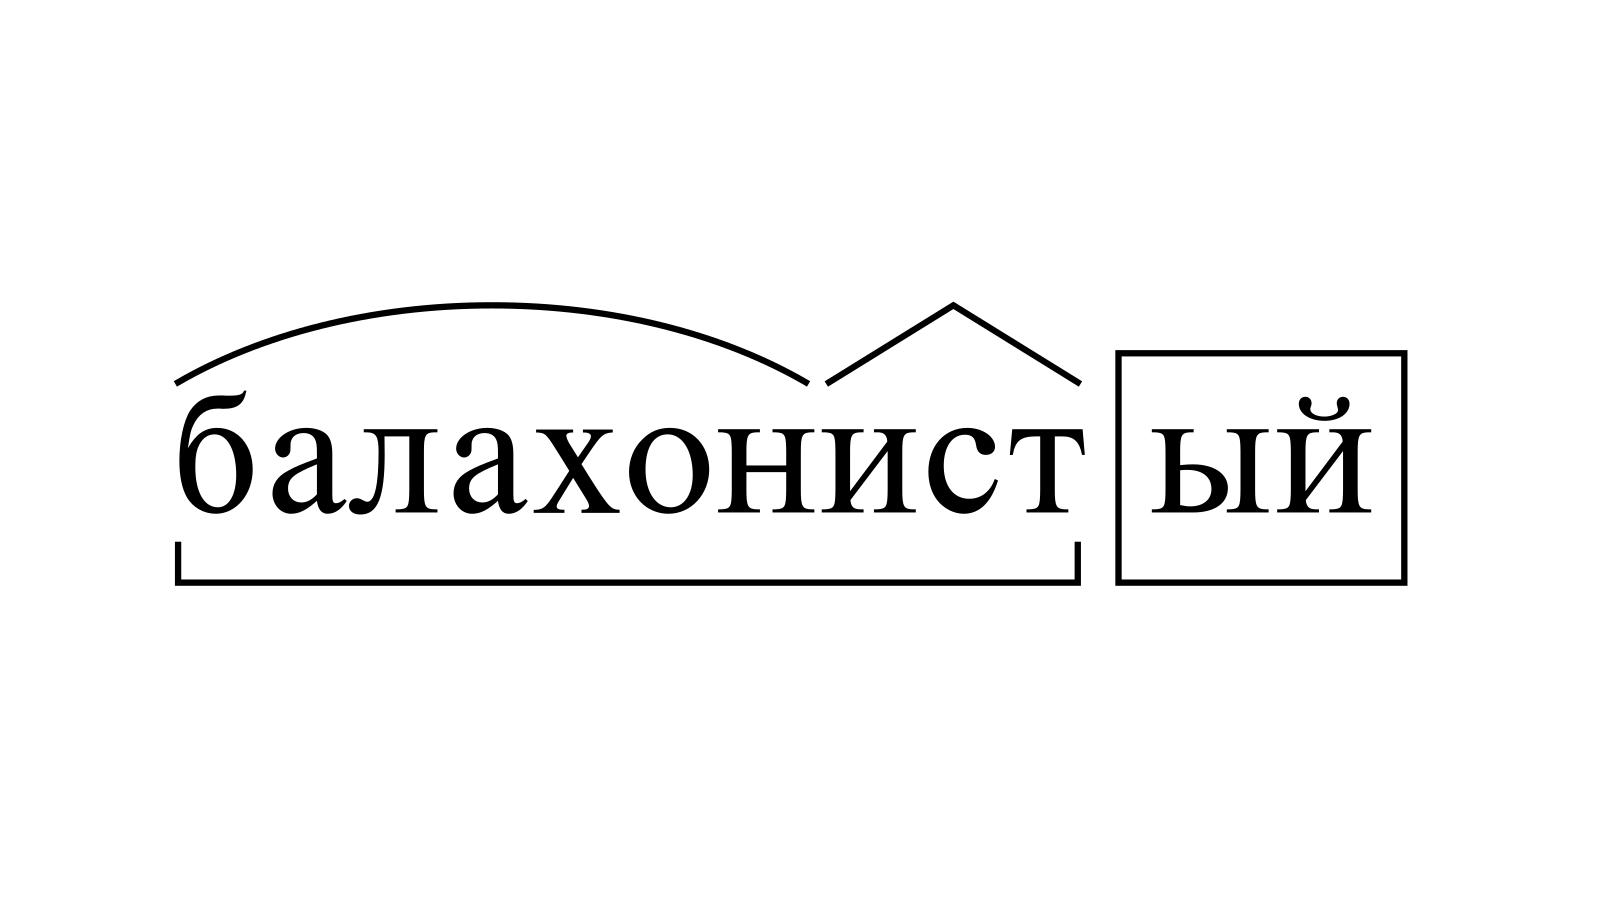 Разбор слова «балахонистый» по составу